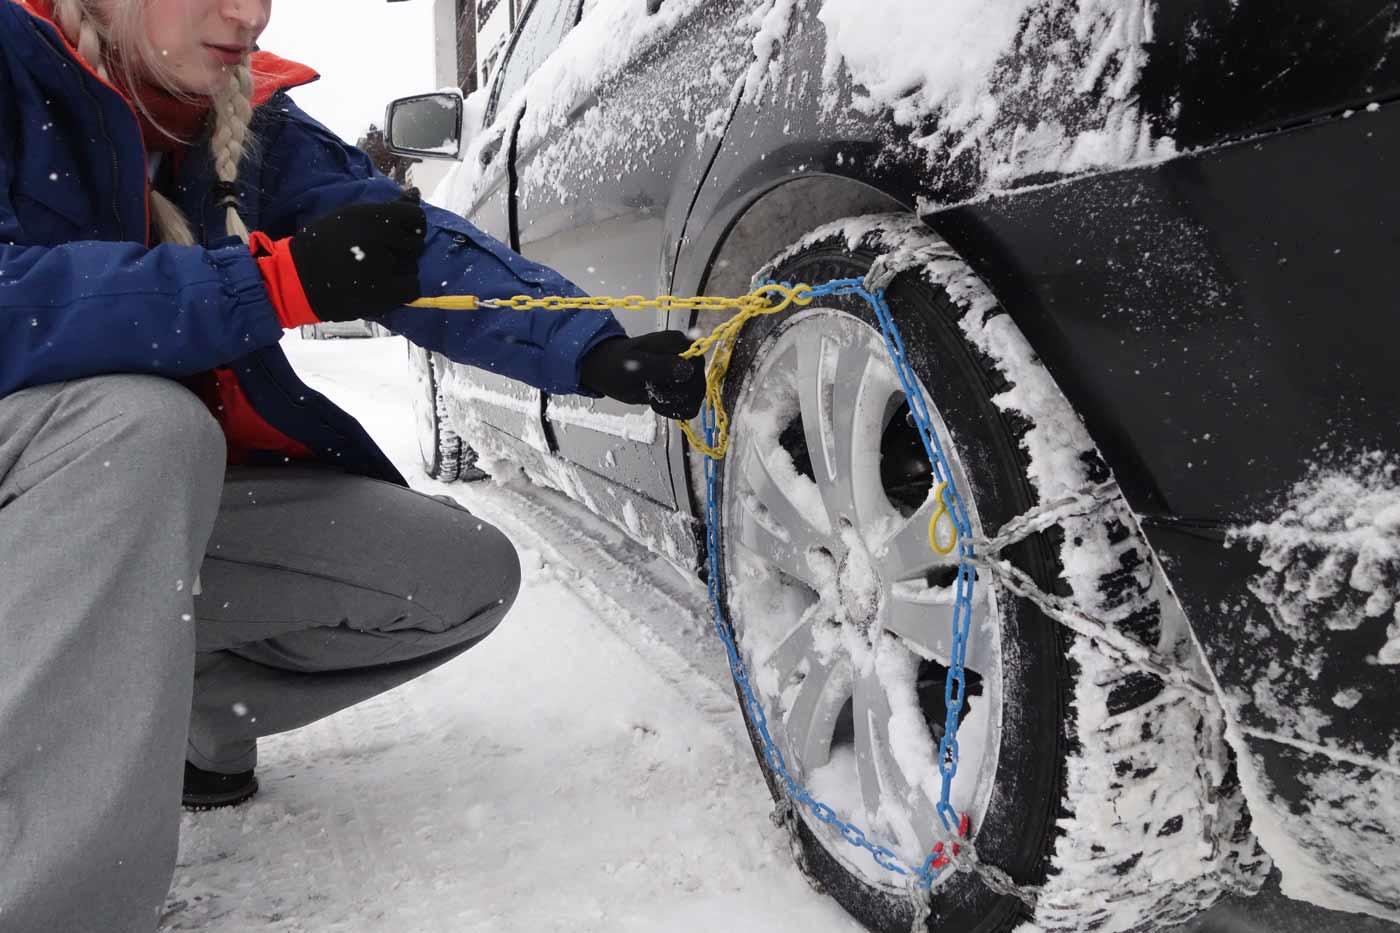 Sneeuwkettingen omleggen om de autobanden op wintersport